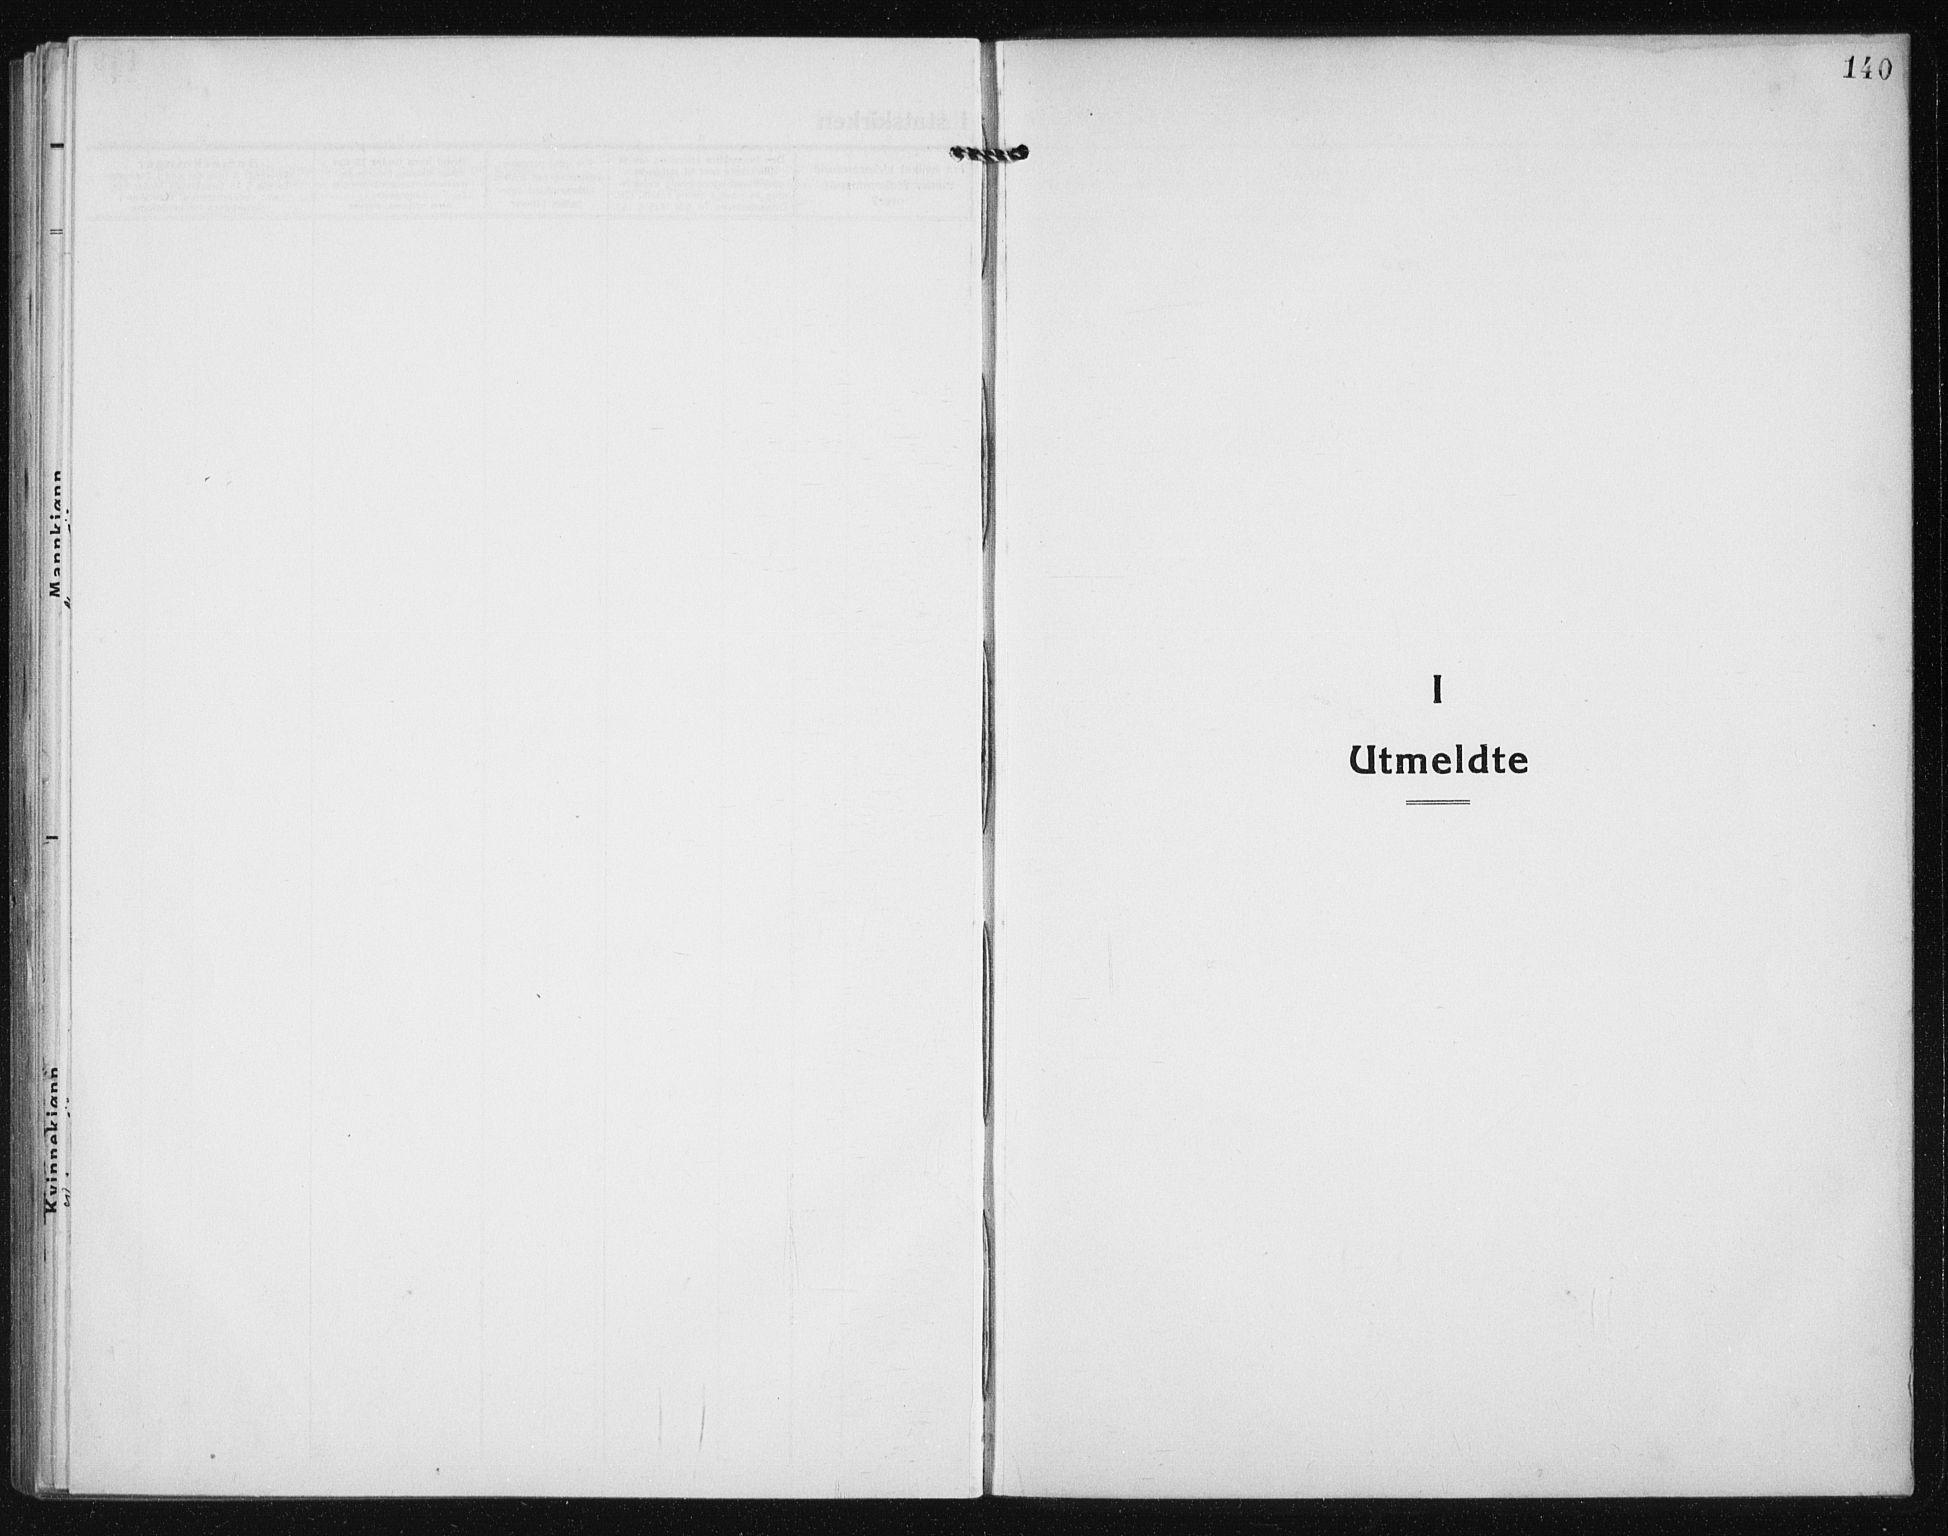 SAT, Ministerialprotokoller, klokkerbøker og fødselsregistre - Sør-Trøndelag, 635/L0554: Klokkerbok nr. 635C02, 1919-1942, s. 140